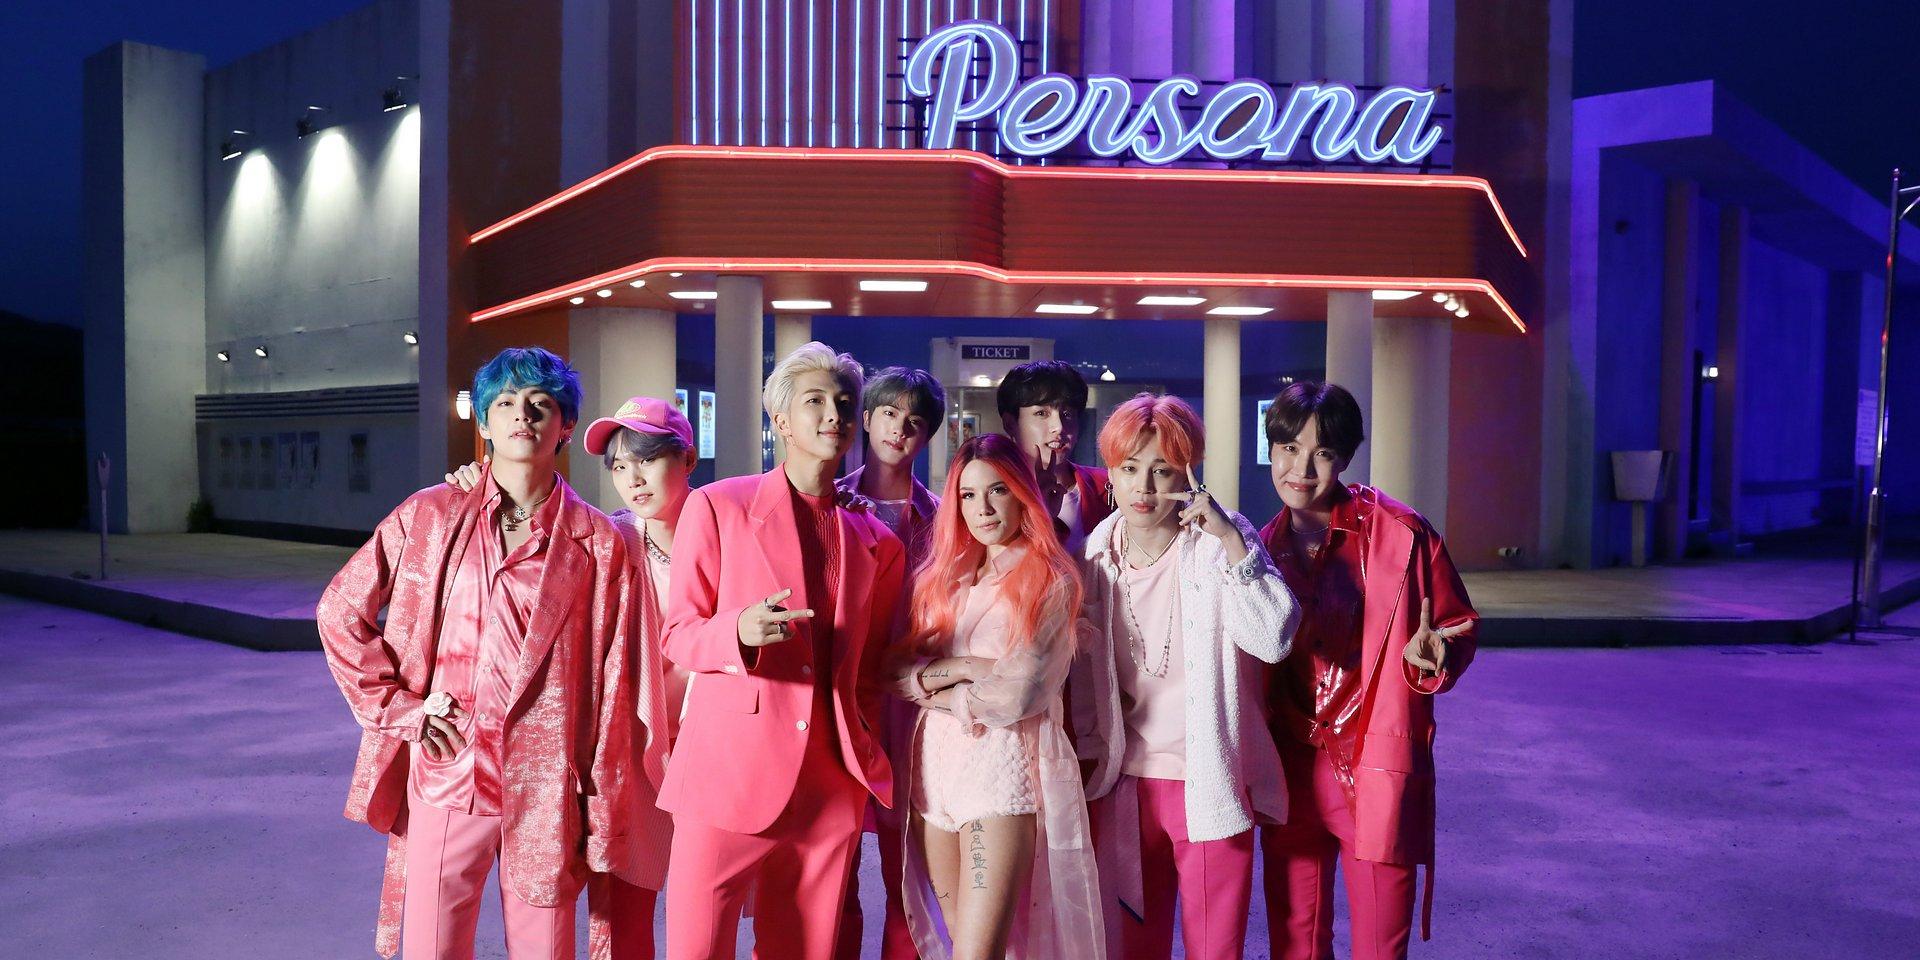 BTS biją K-popowy rekord na Spotify z 5 miliardami streamów